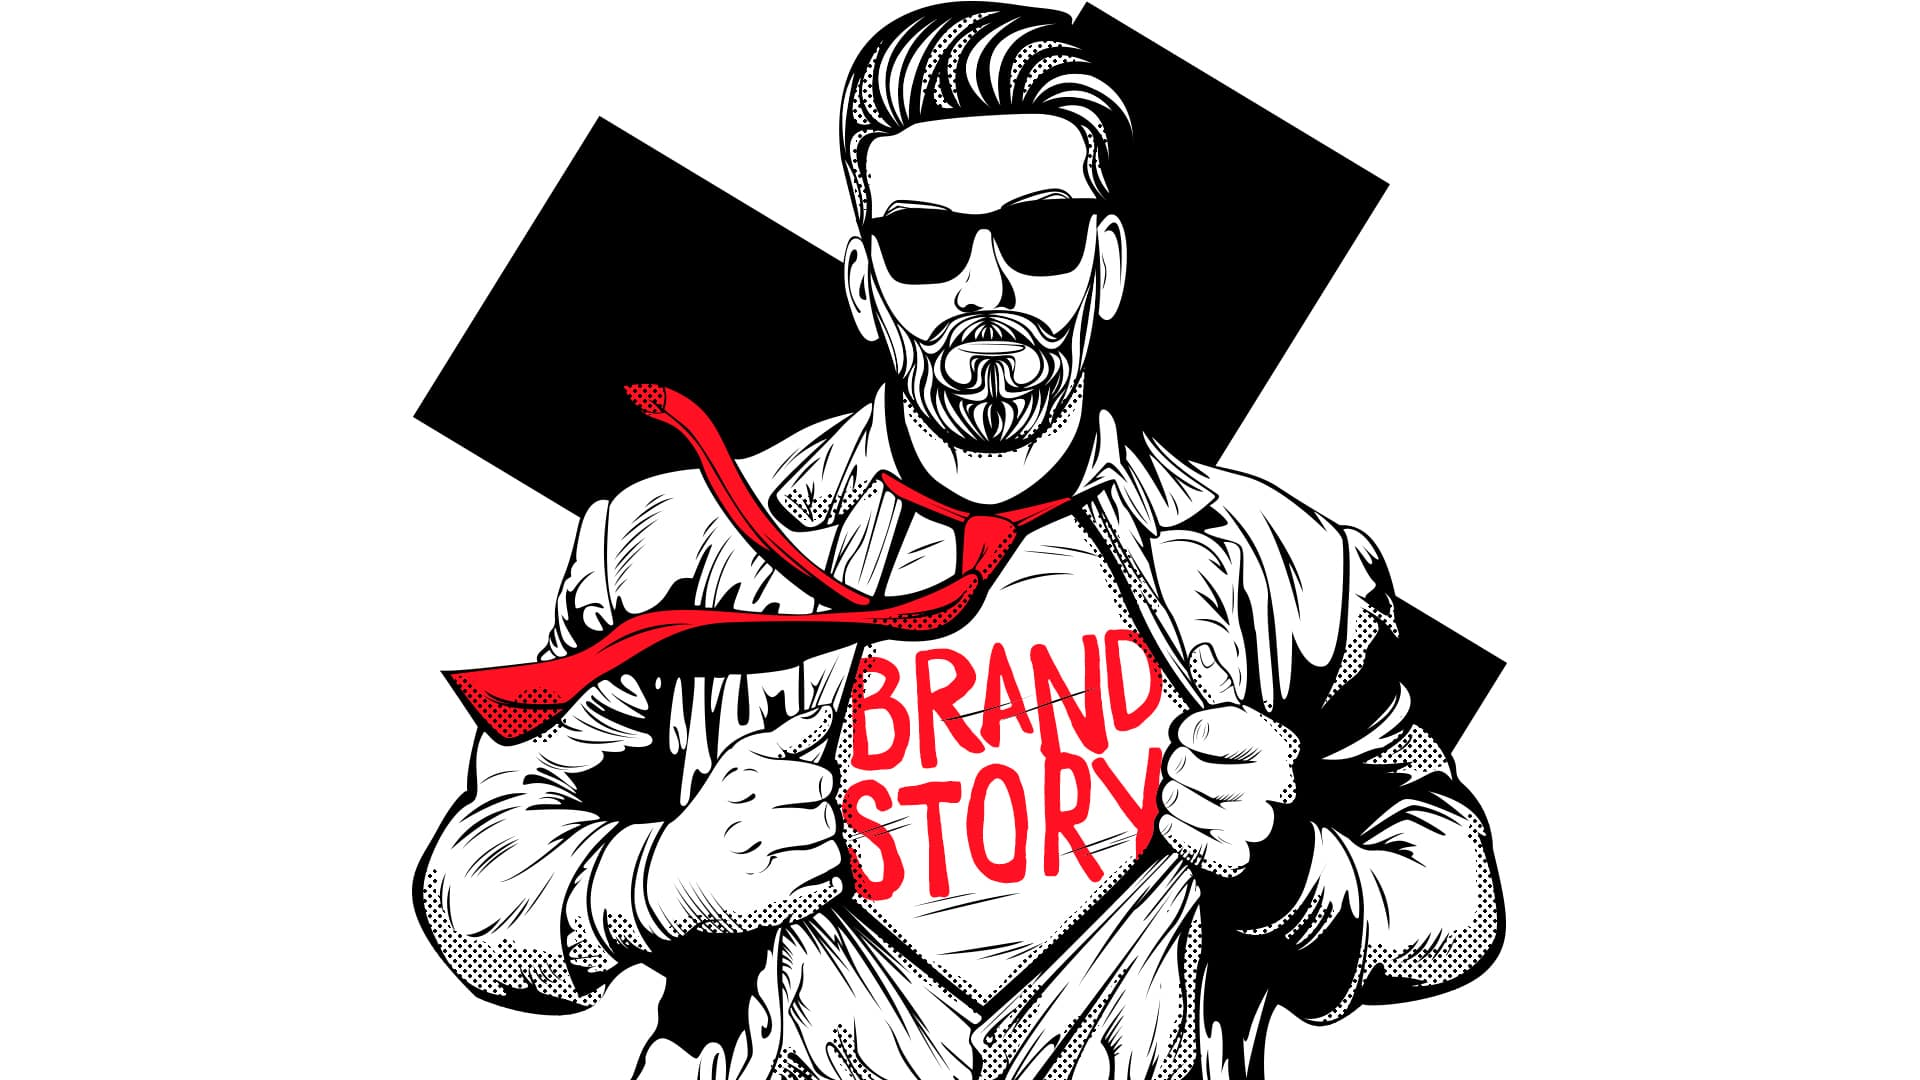 Die Brand Story als Basis von Storytelling